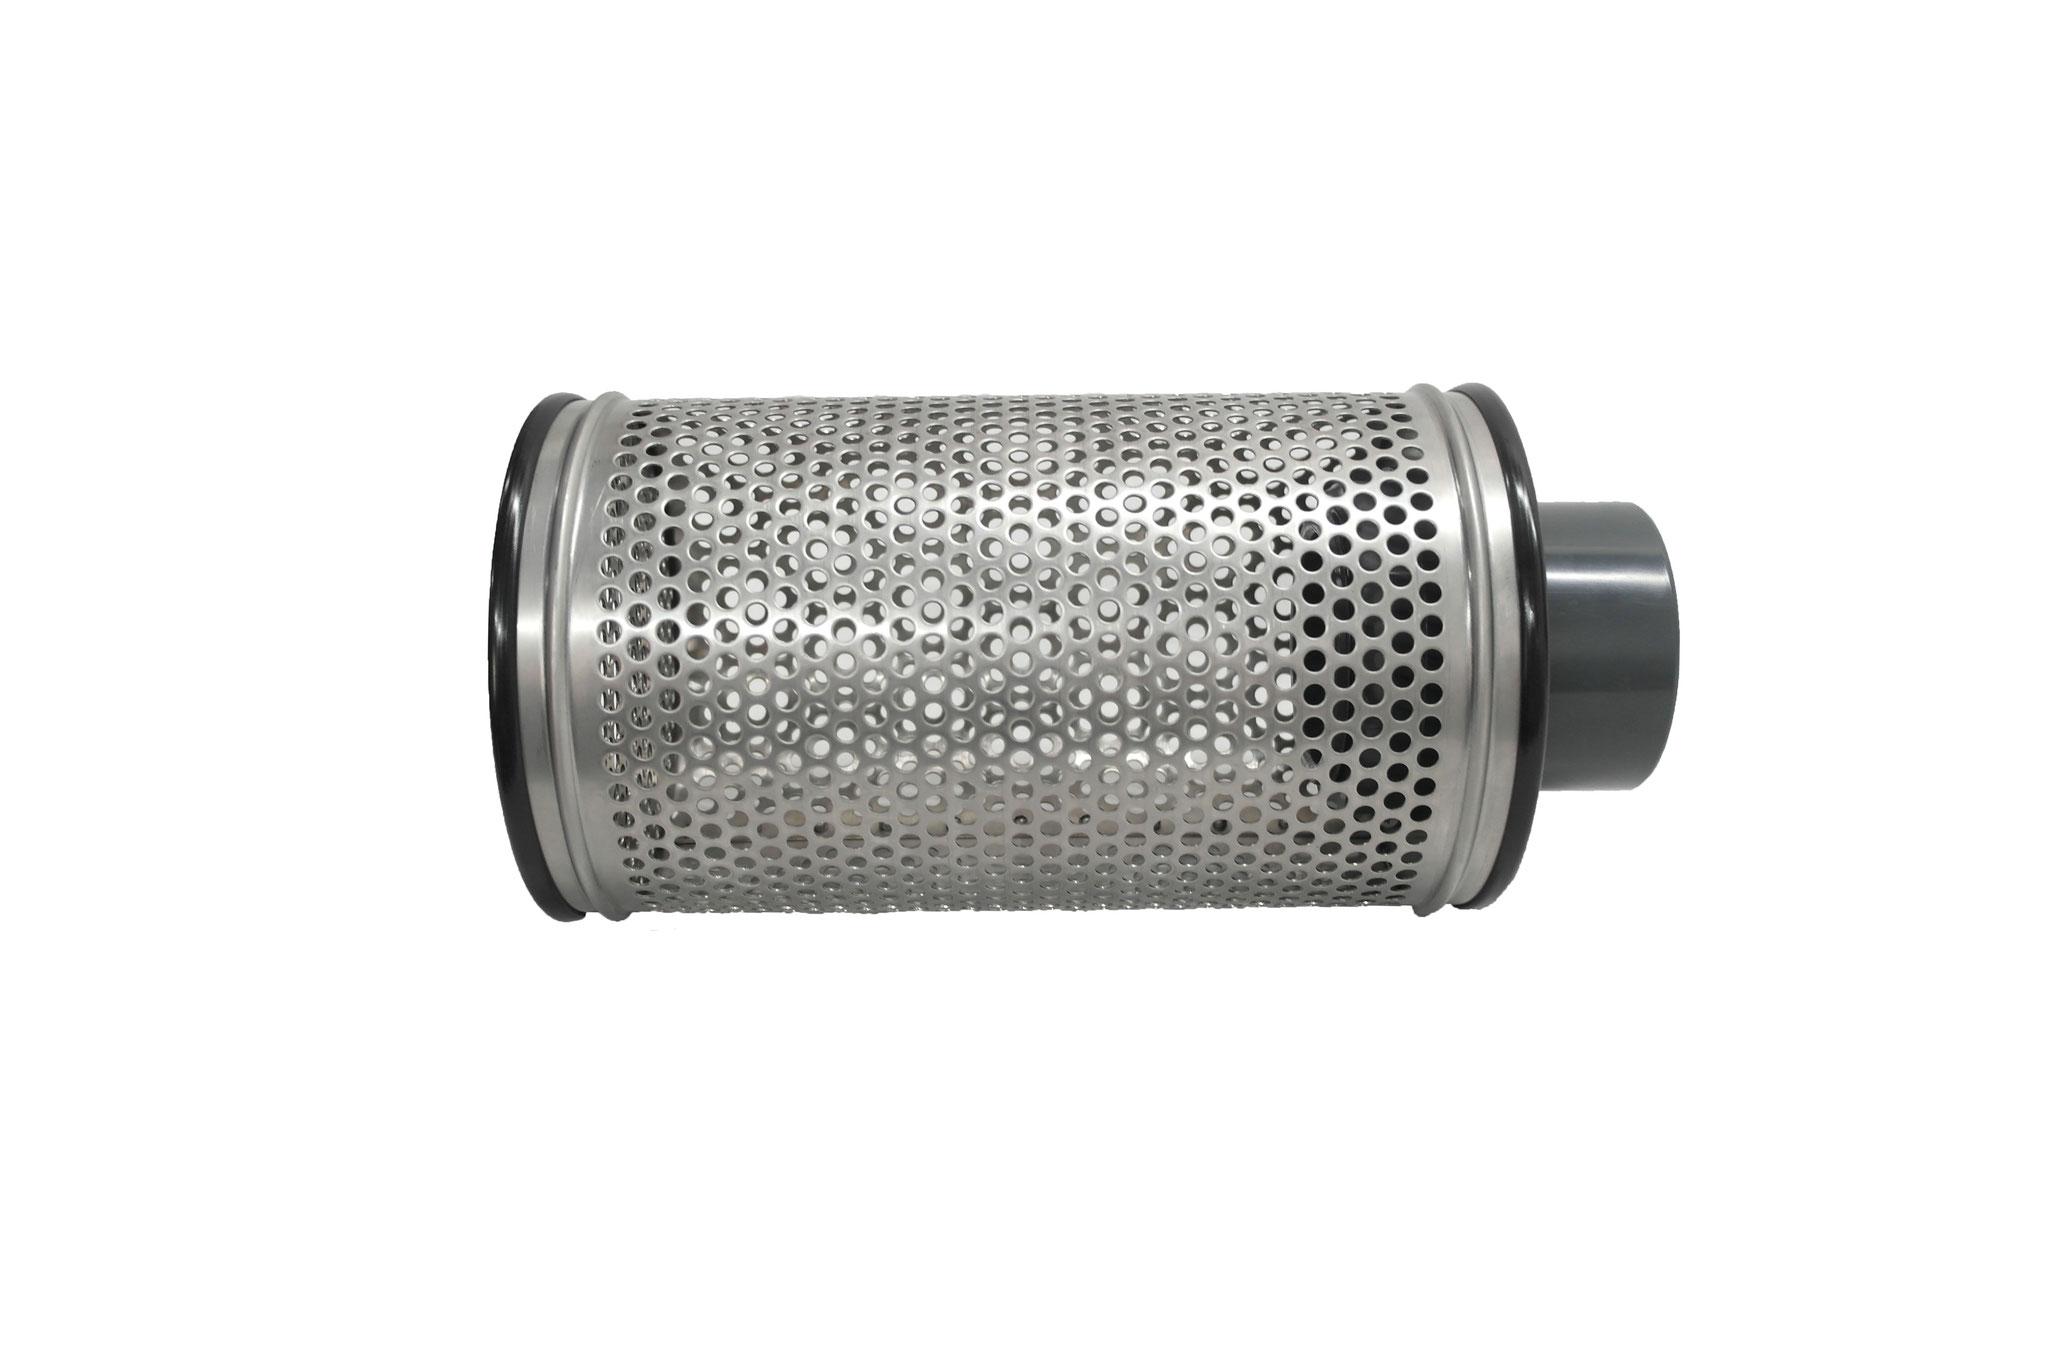 Pumpenkorb Oase Titanium